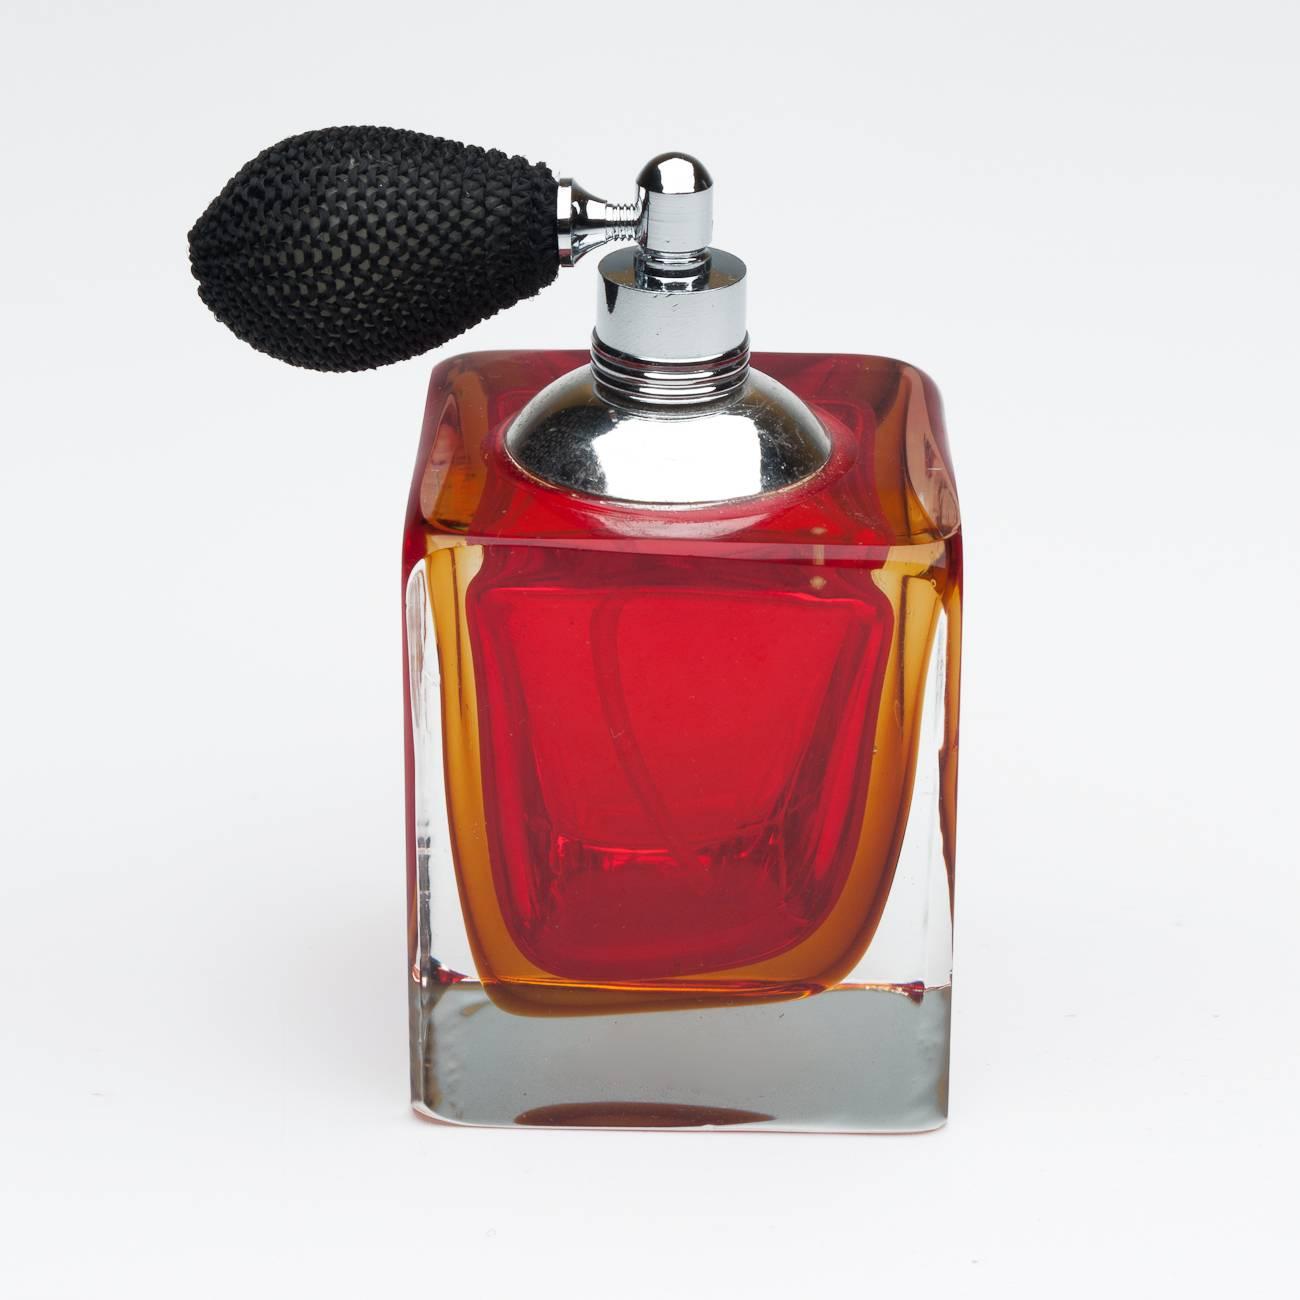 Perfumeiro Tradicional - com Borrifador - Vermelho em Vidro - Prestige - 8,5x5 cm